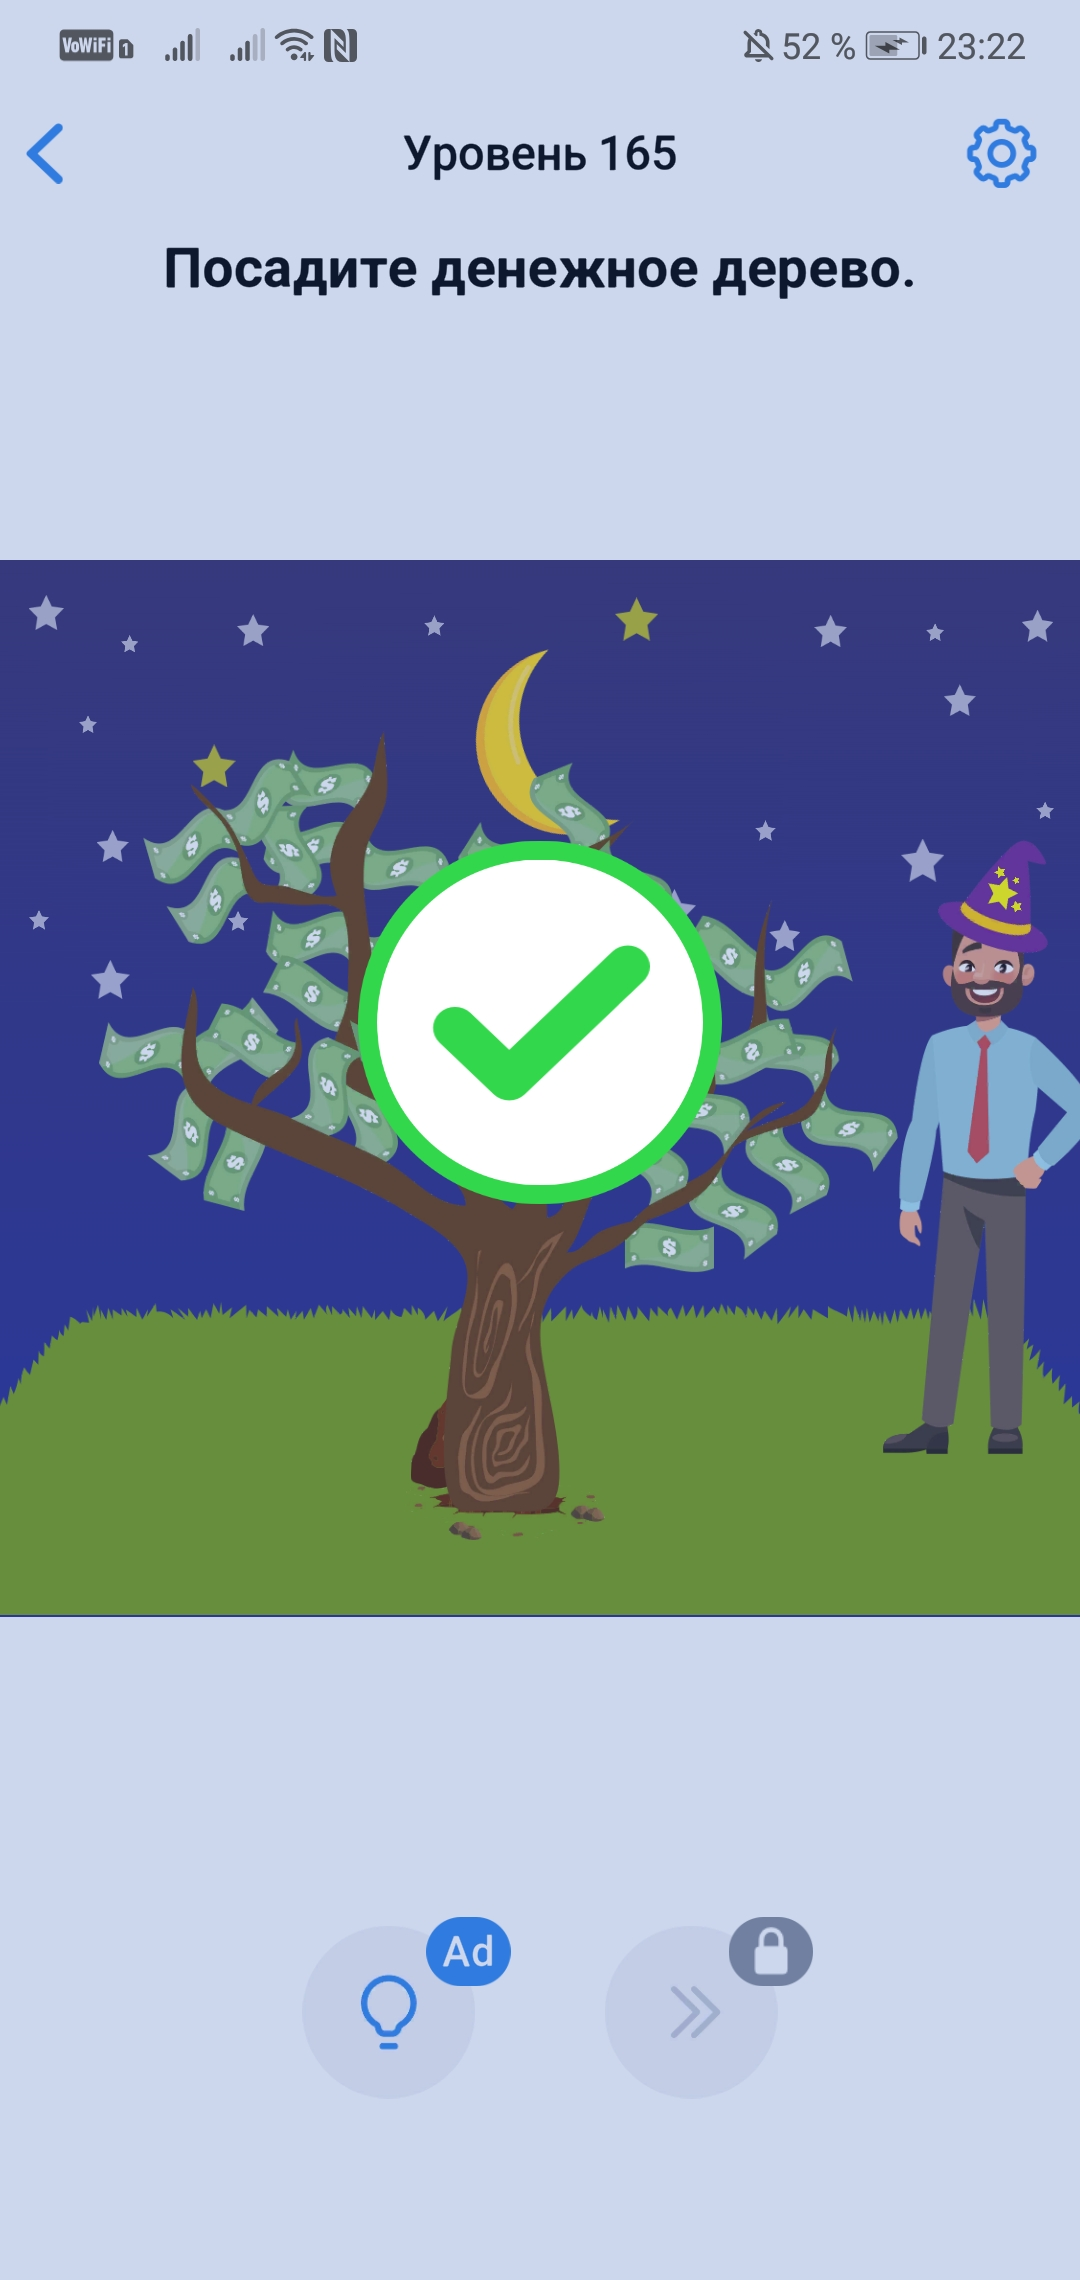 Easy Game - 165 уровень - Посадите денежное дерево.